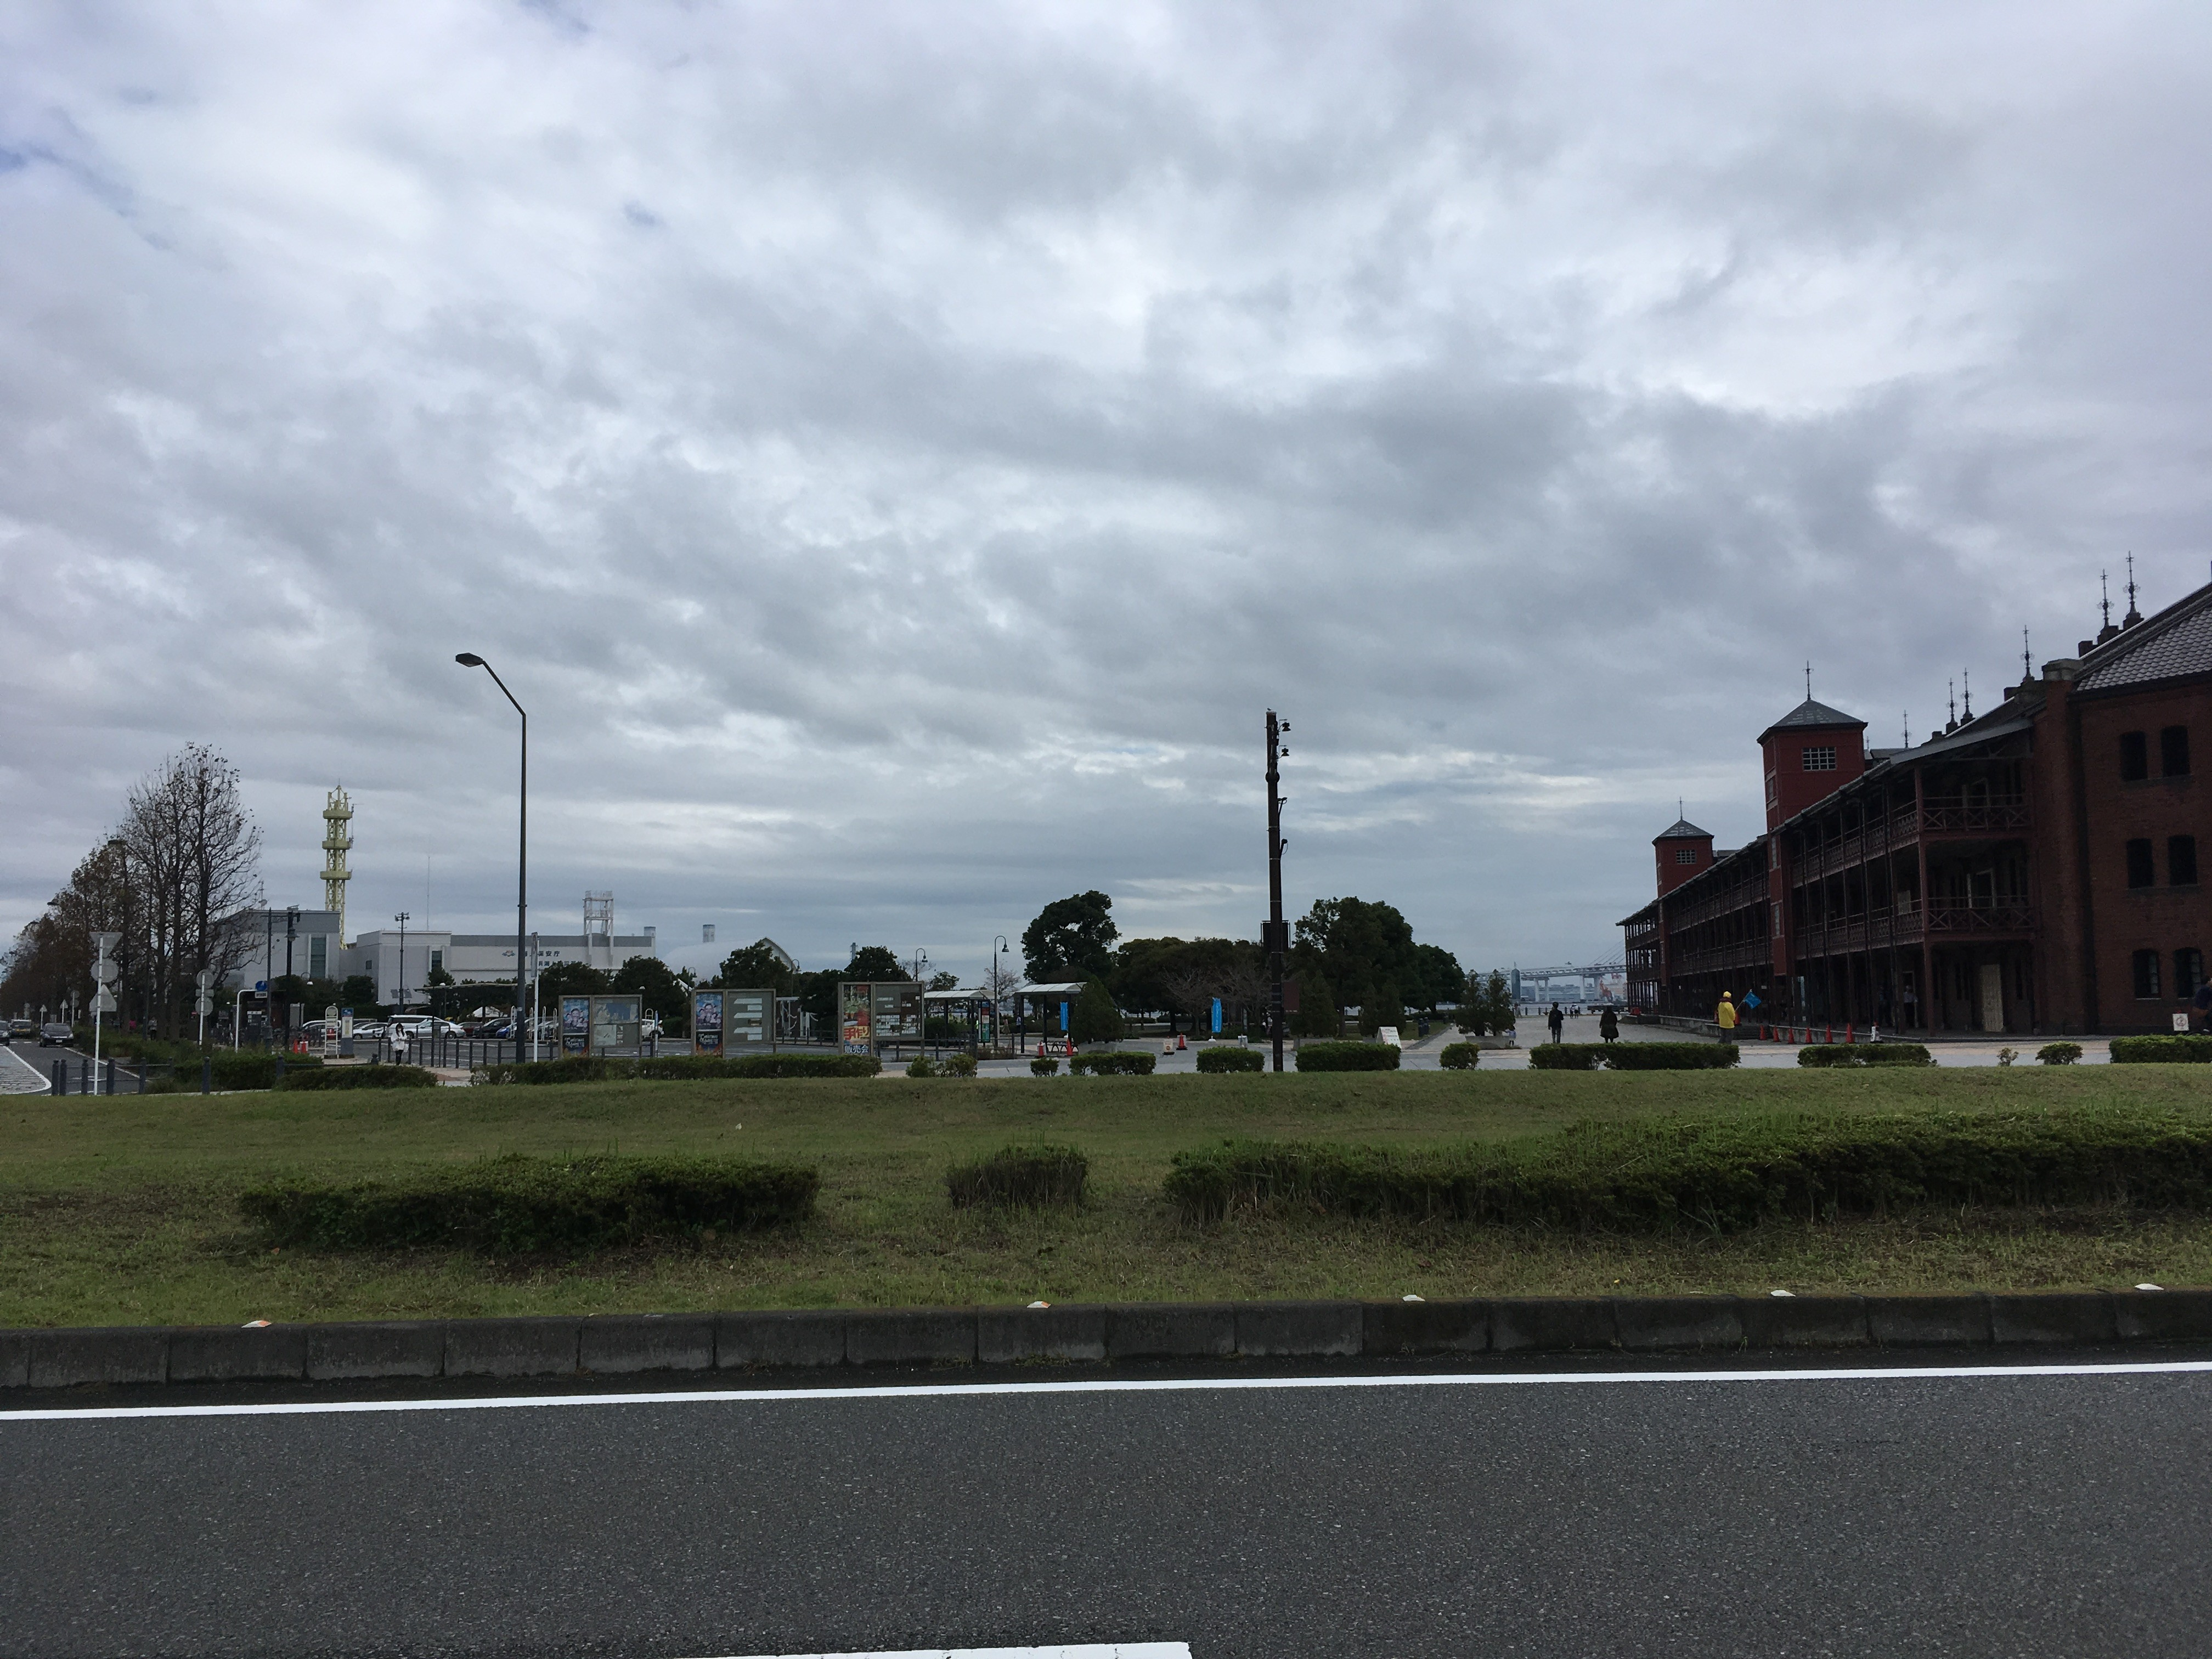 横浜赤レンガ倉庫方面